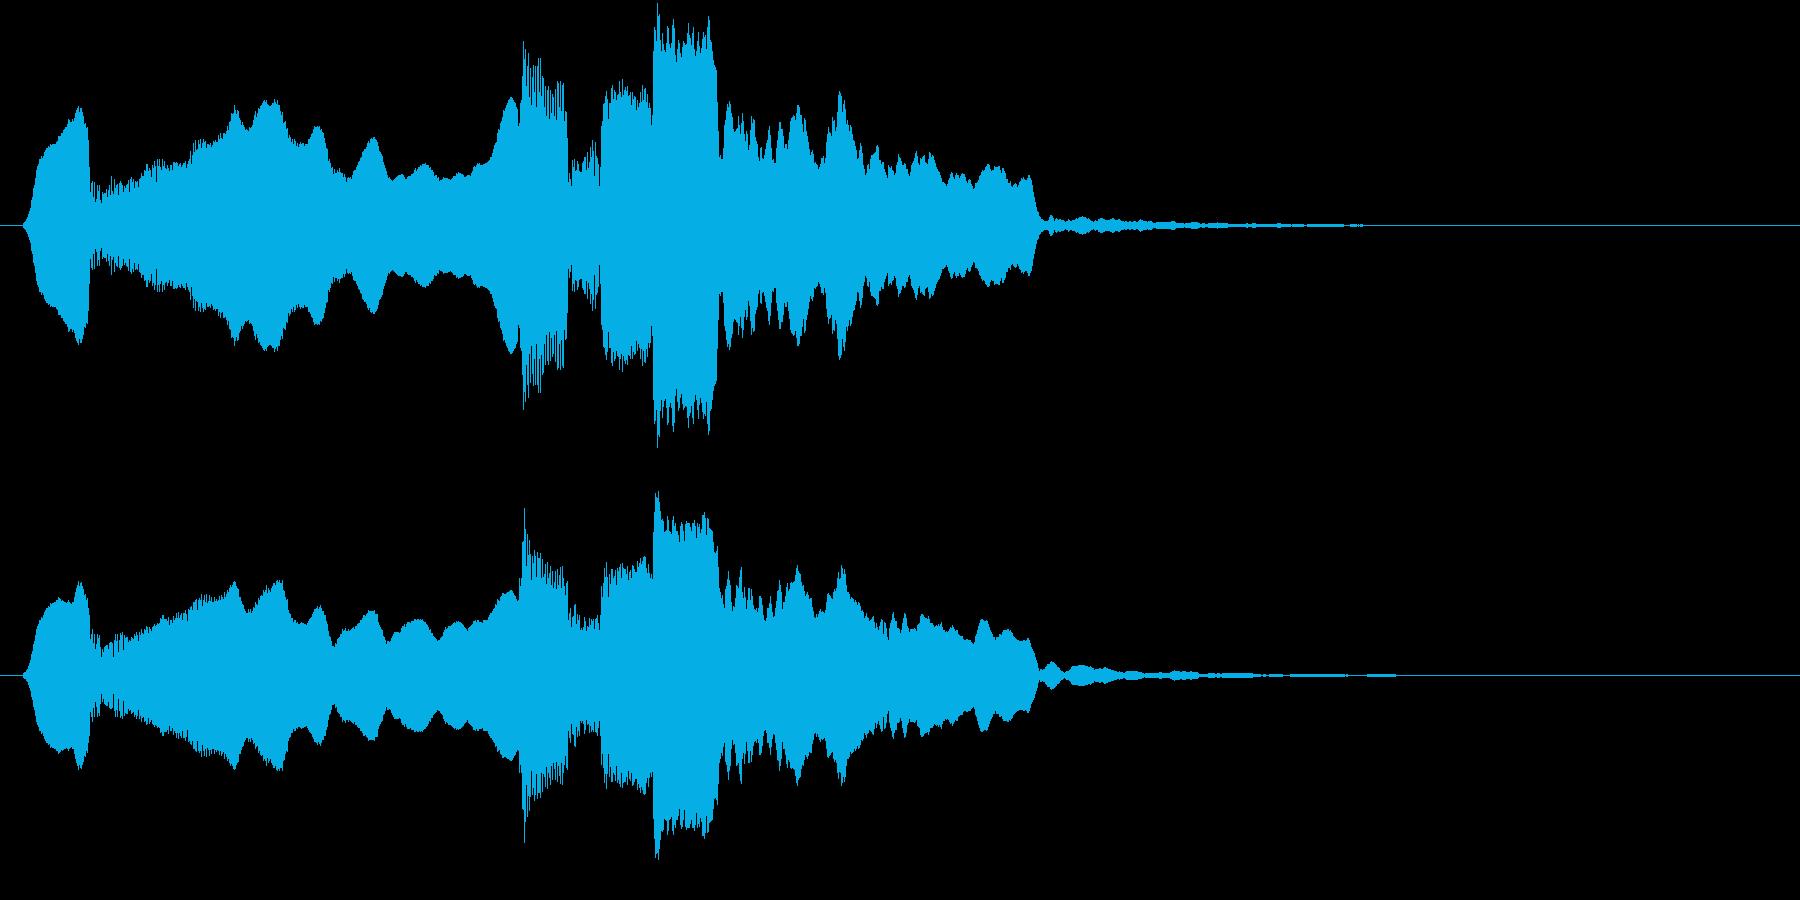 音侍SE「尺八フレーズ1」エニグマ音16の再生済みの波形